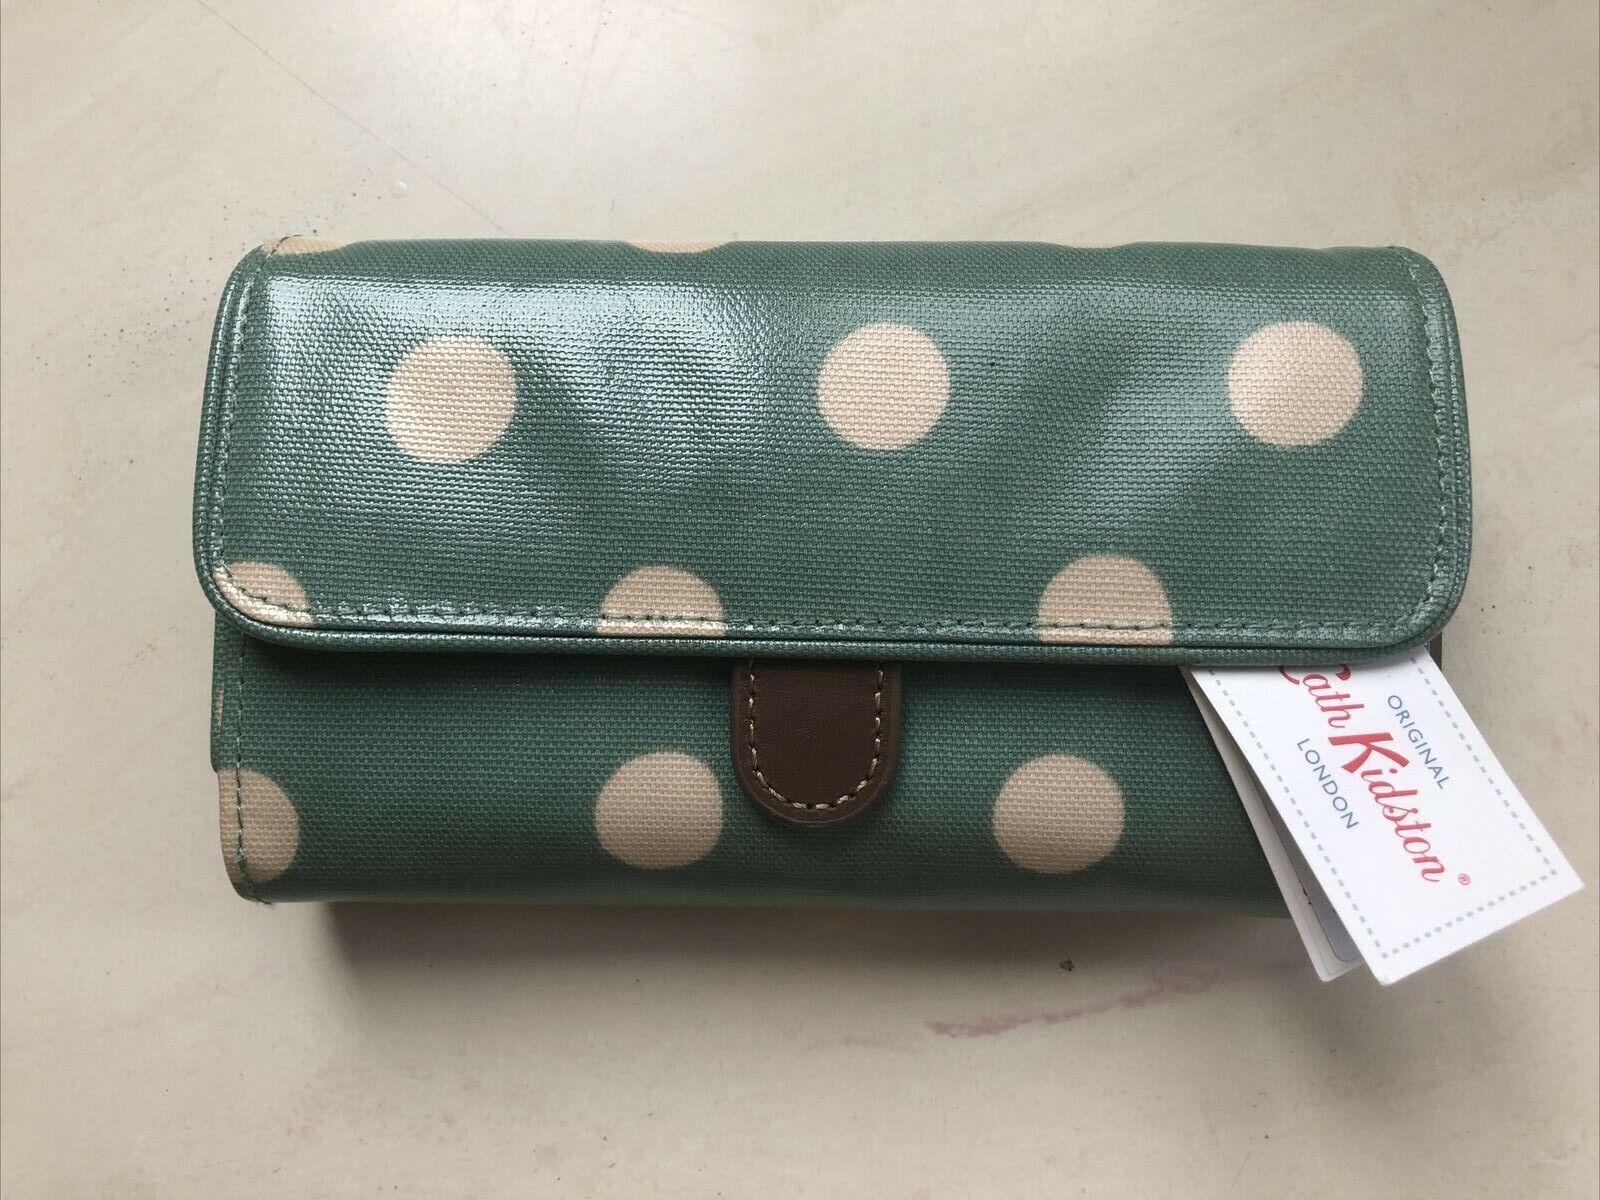 Cath Kidston London Polka Dot Wallet